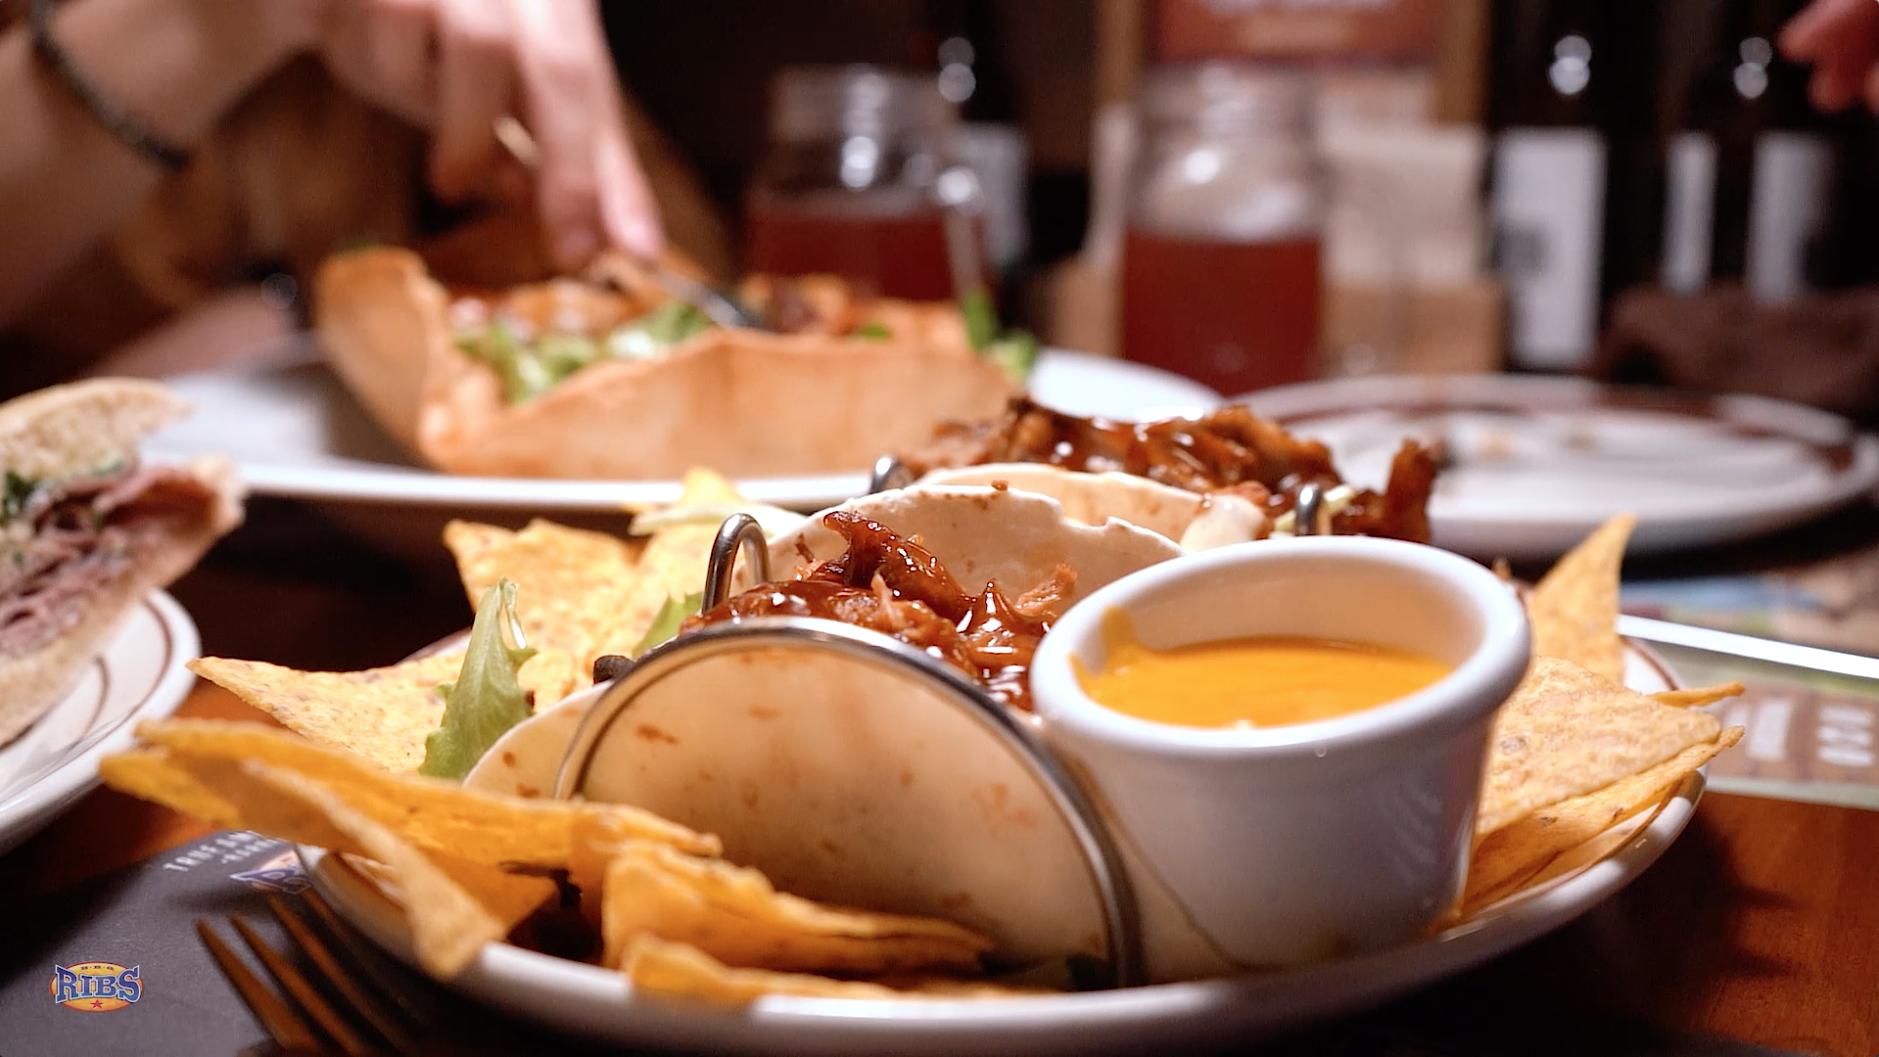 RIBS Planetocio - Tacos Party